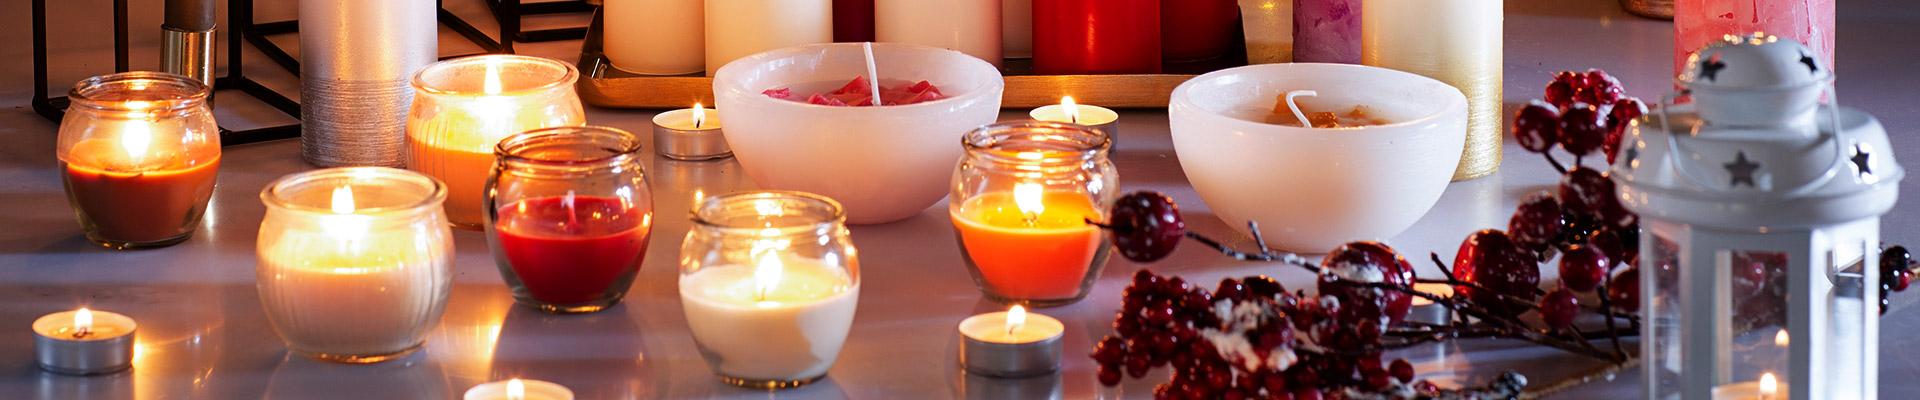 Žvakės ir žvakidės